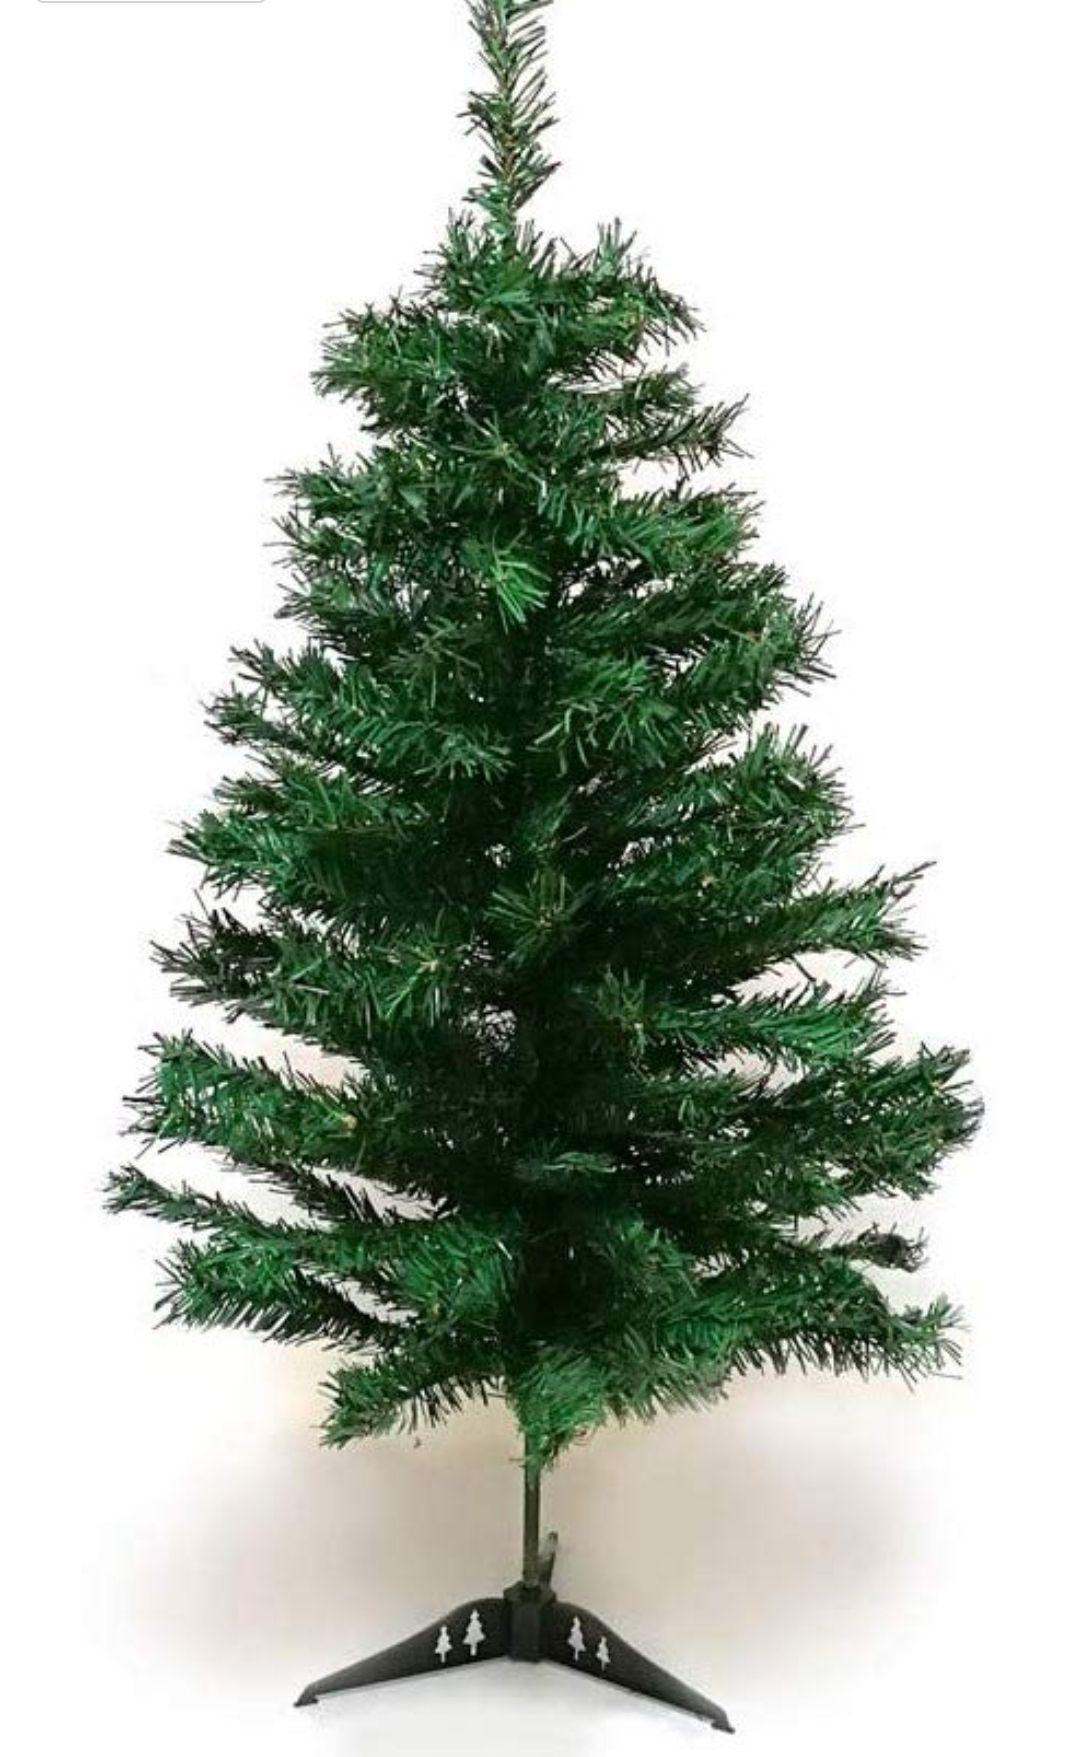 Sapin de Noël artificiel - 90 cm, 120 branches (vendeur tiers)